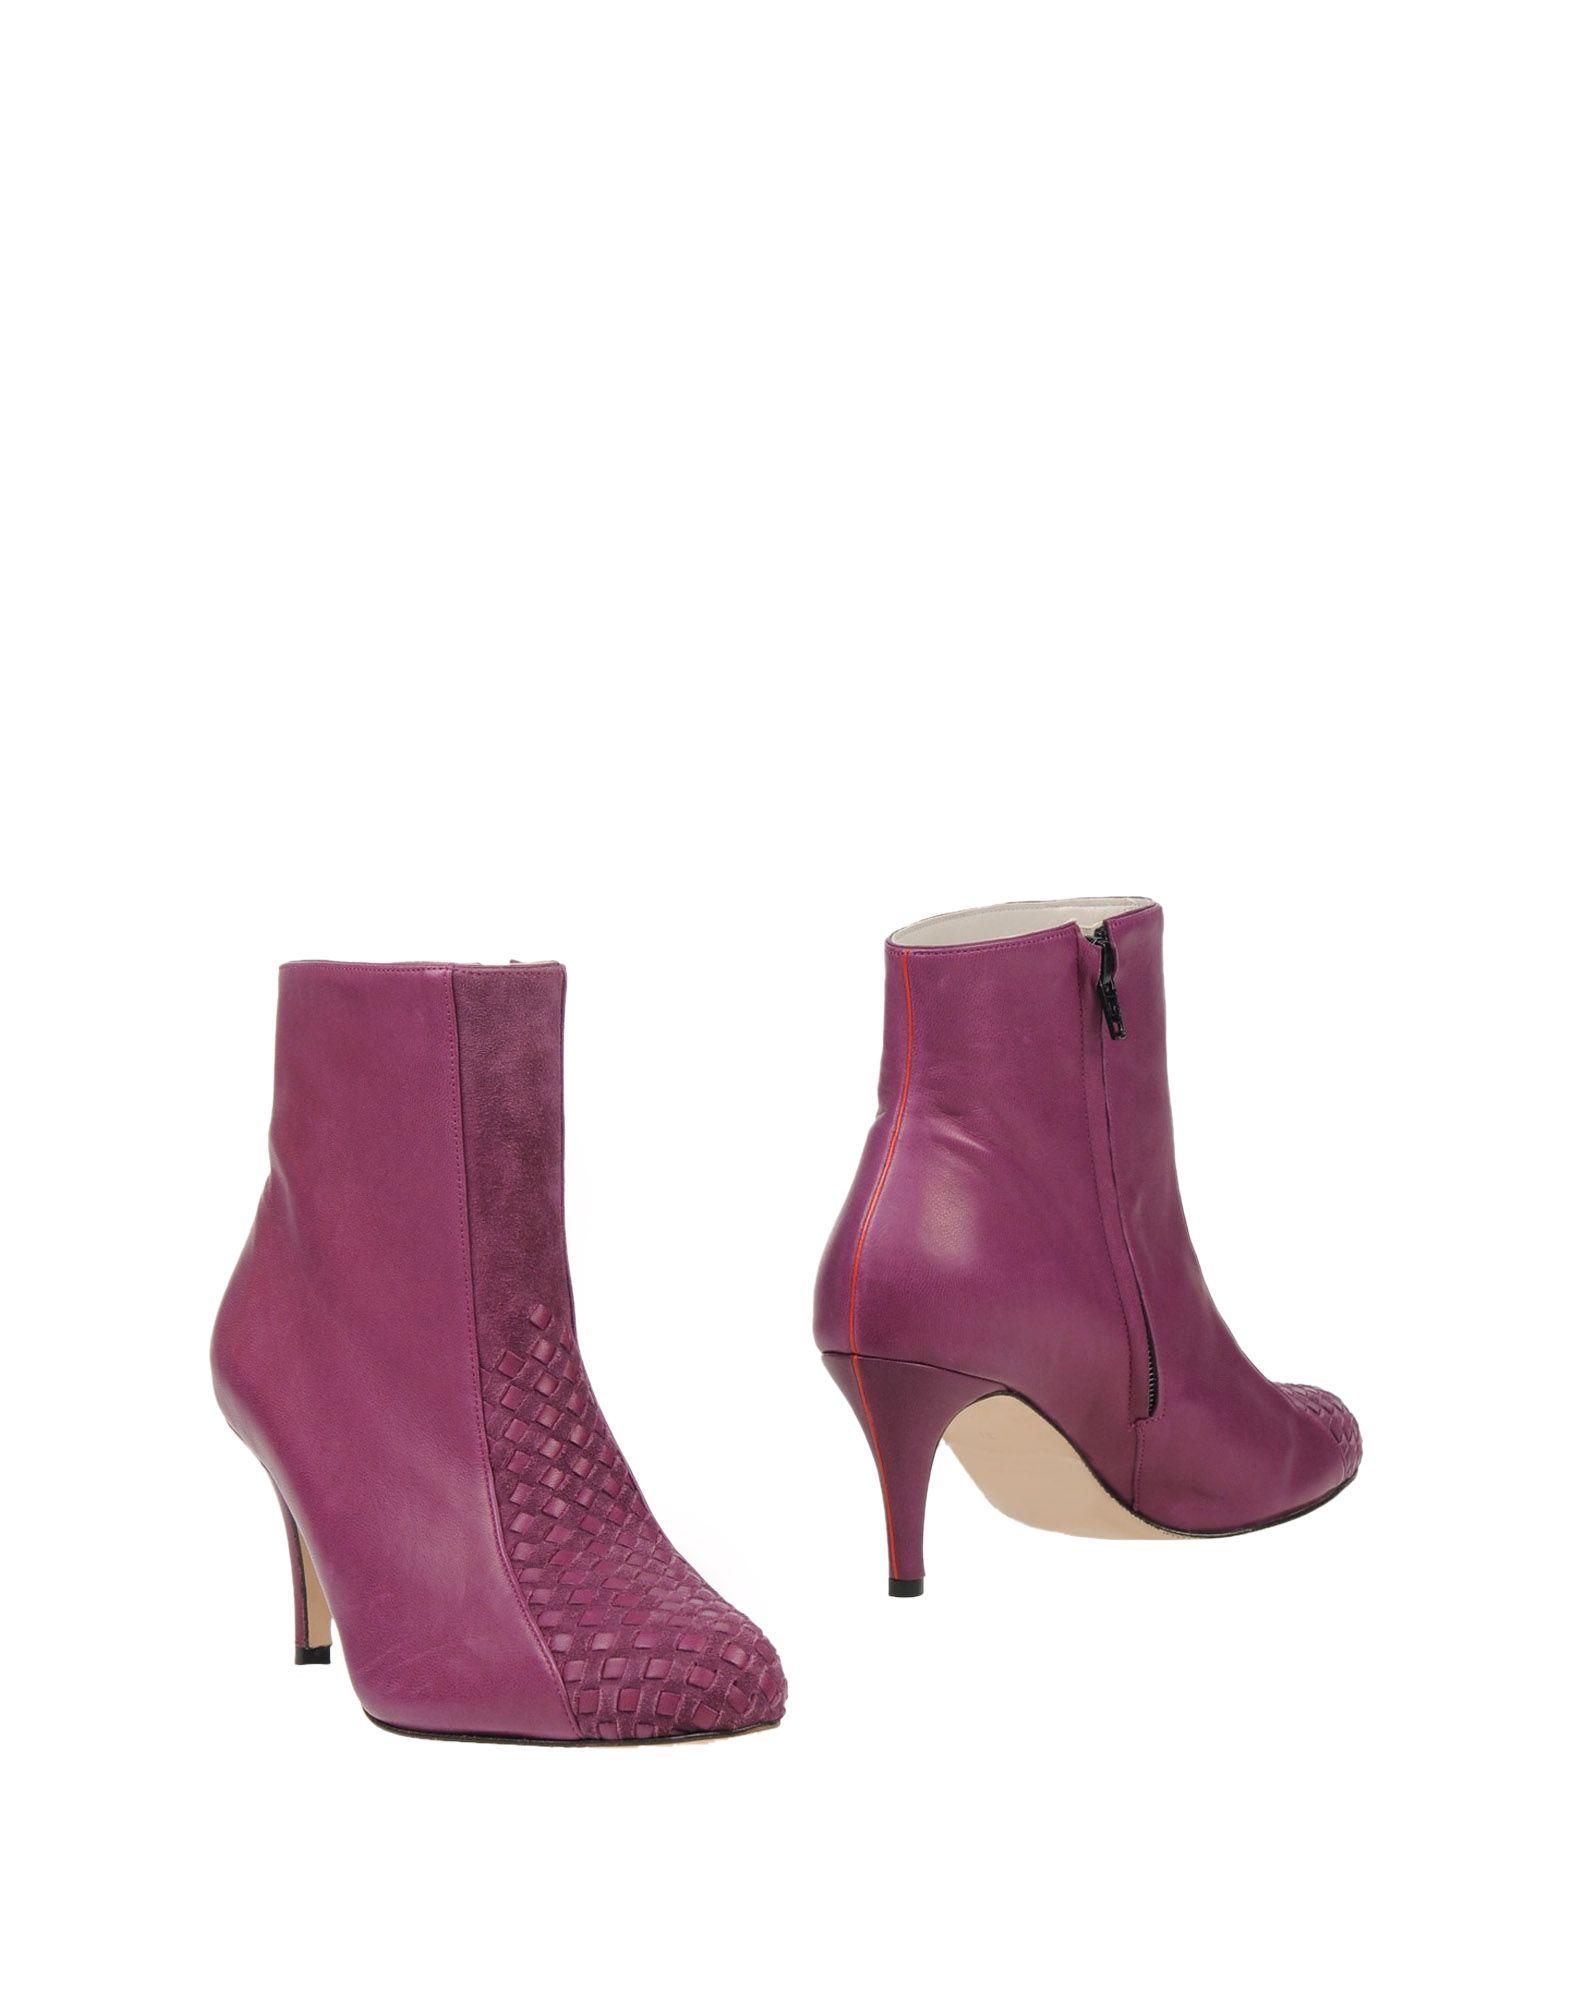 Fredmarzo Stiefelette Damen  11415146FC Gute Qualität beliebte Schuhe